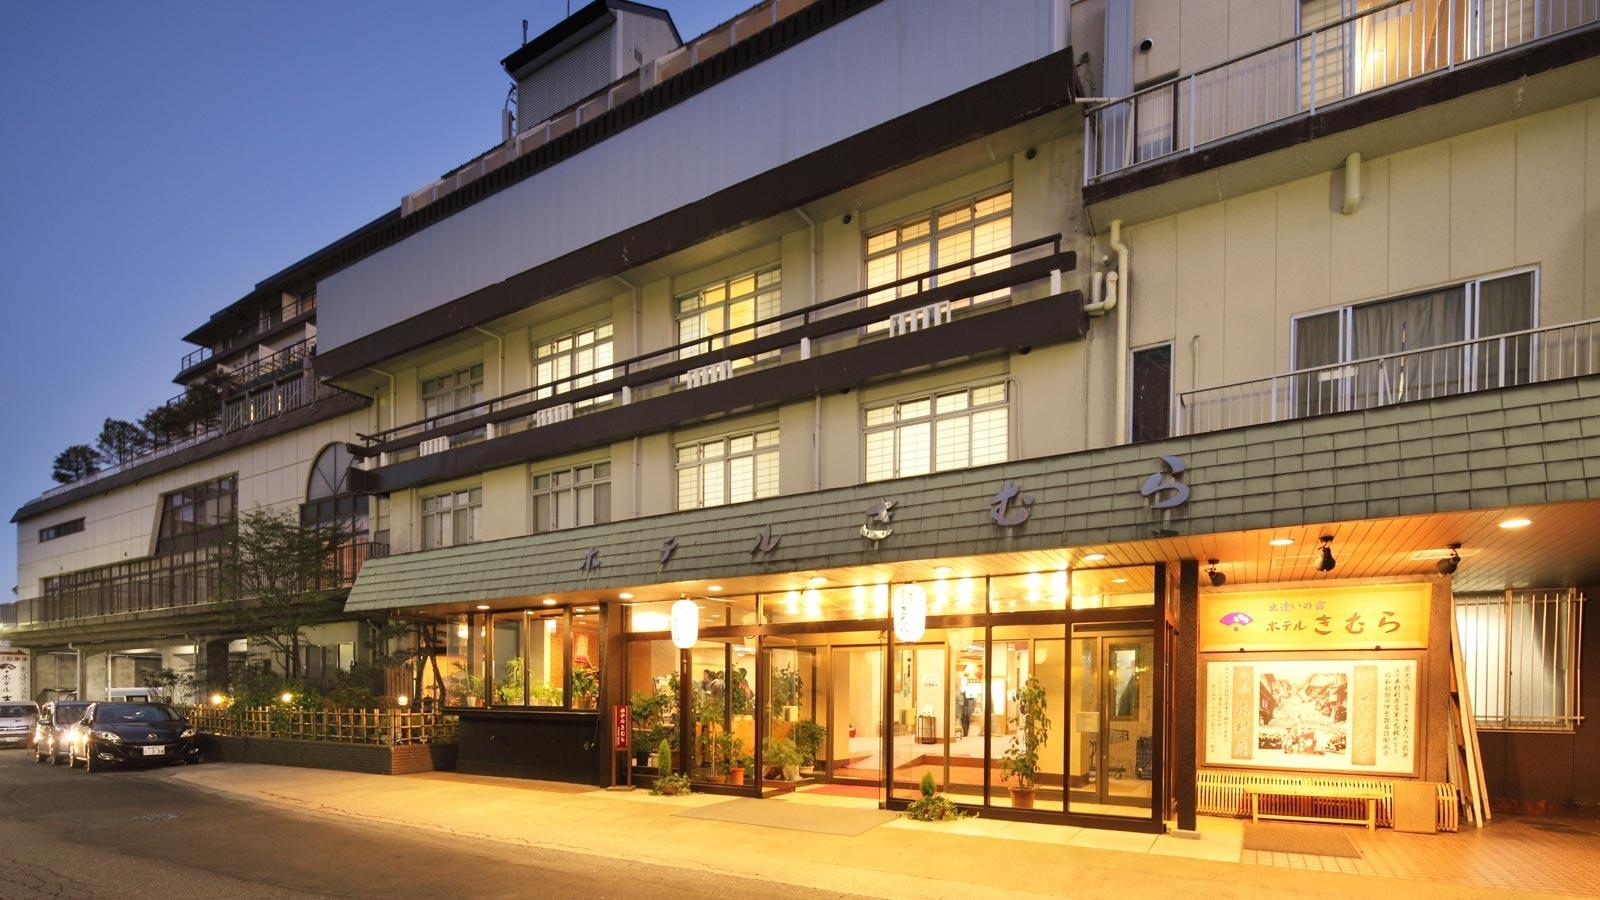 友人数人(5~6人)で行く渋川伊香保のおすすめの宿を教えて下さい